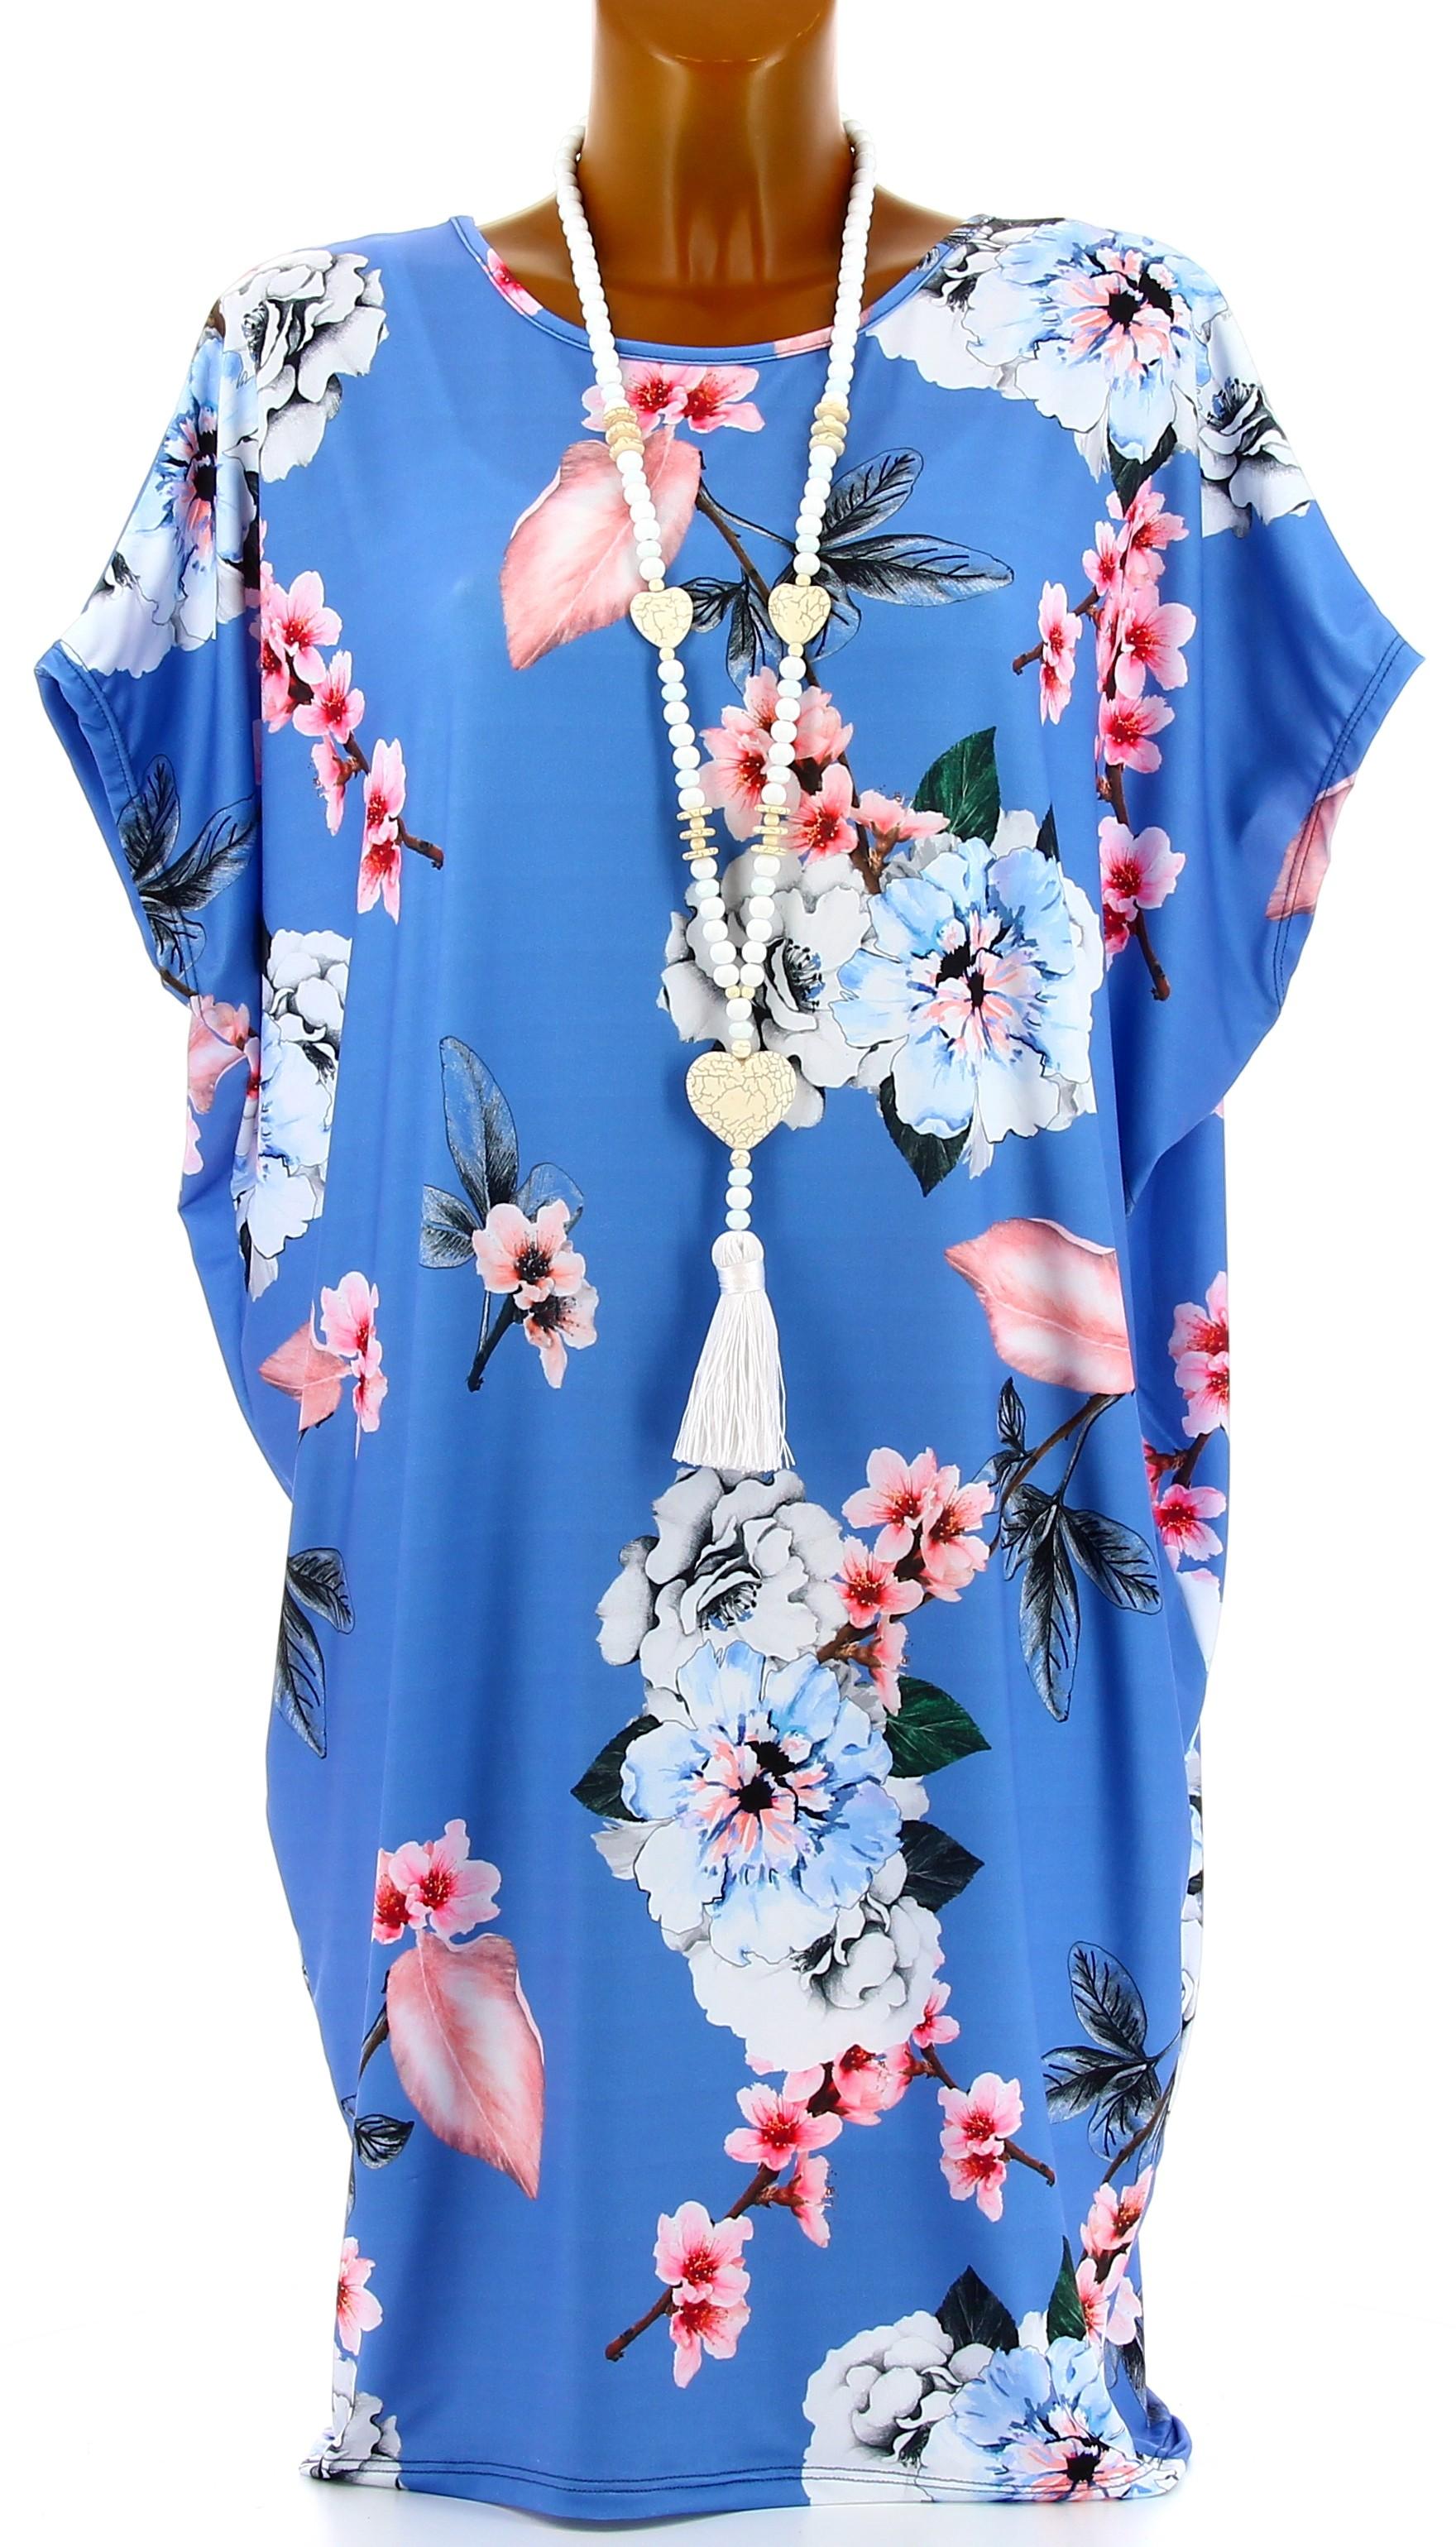 La robe bleue monica